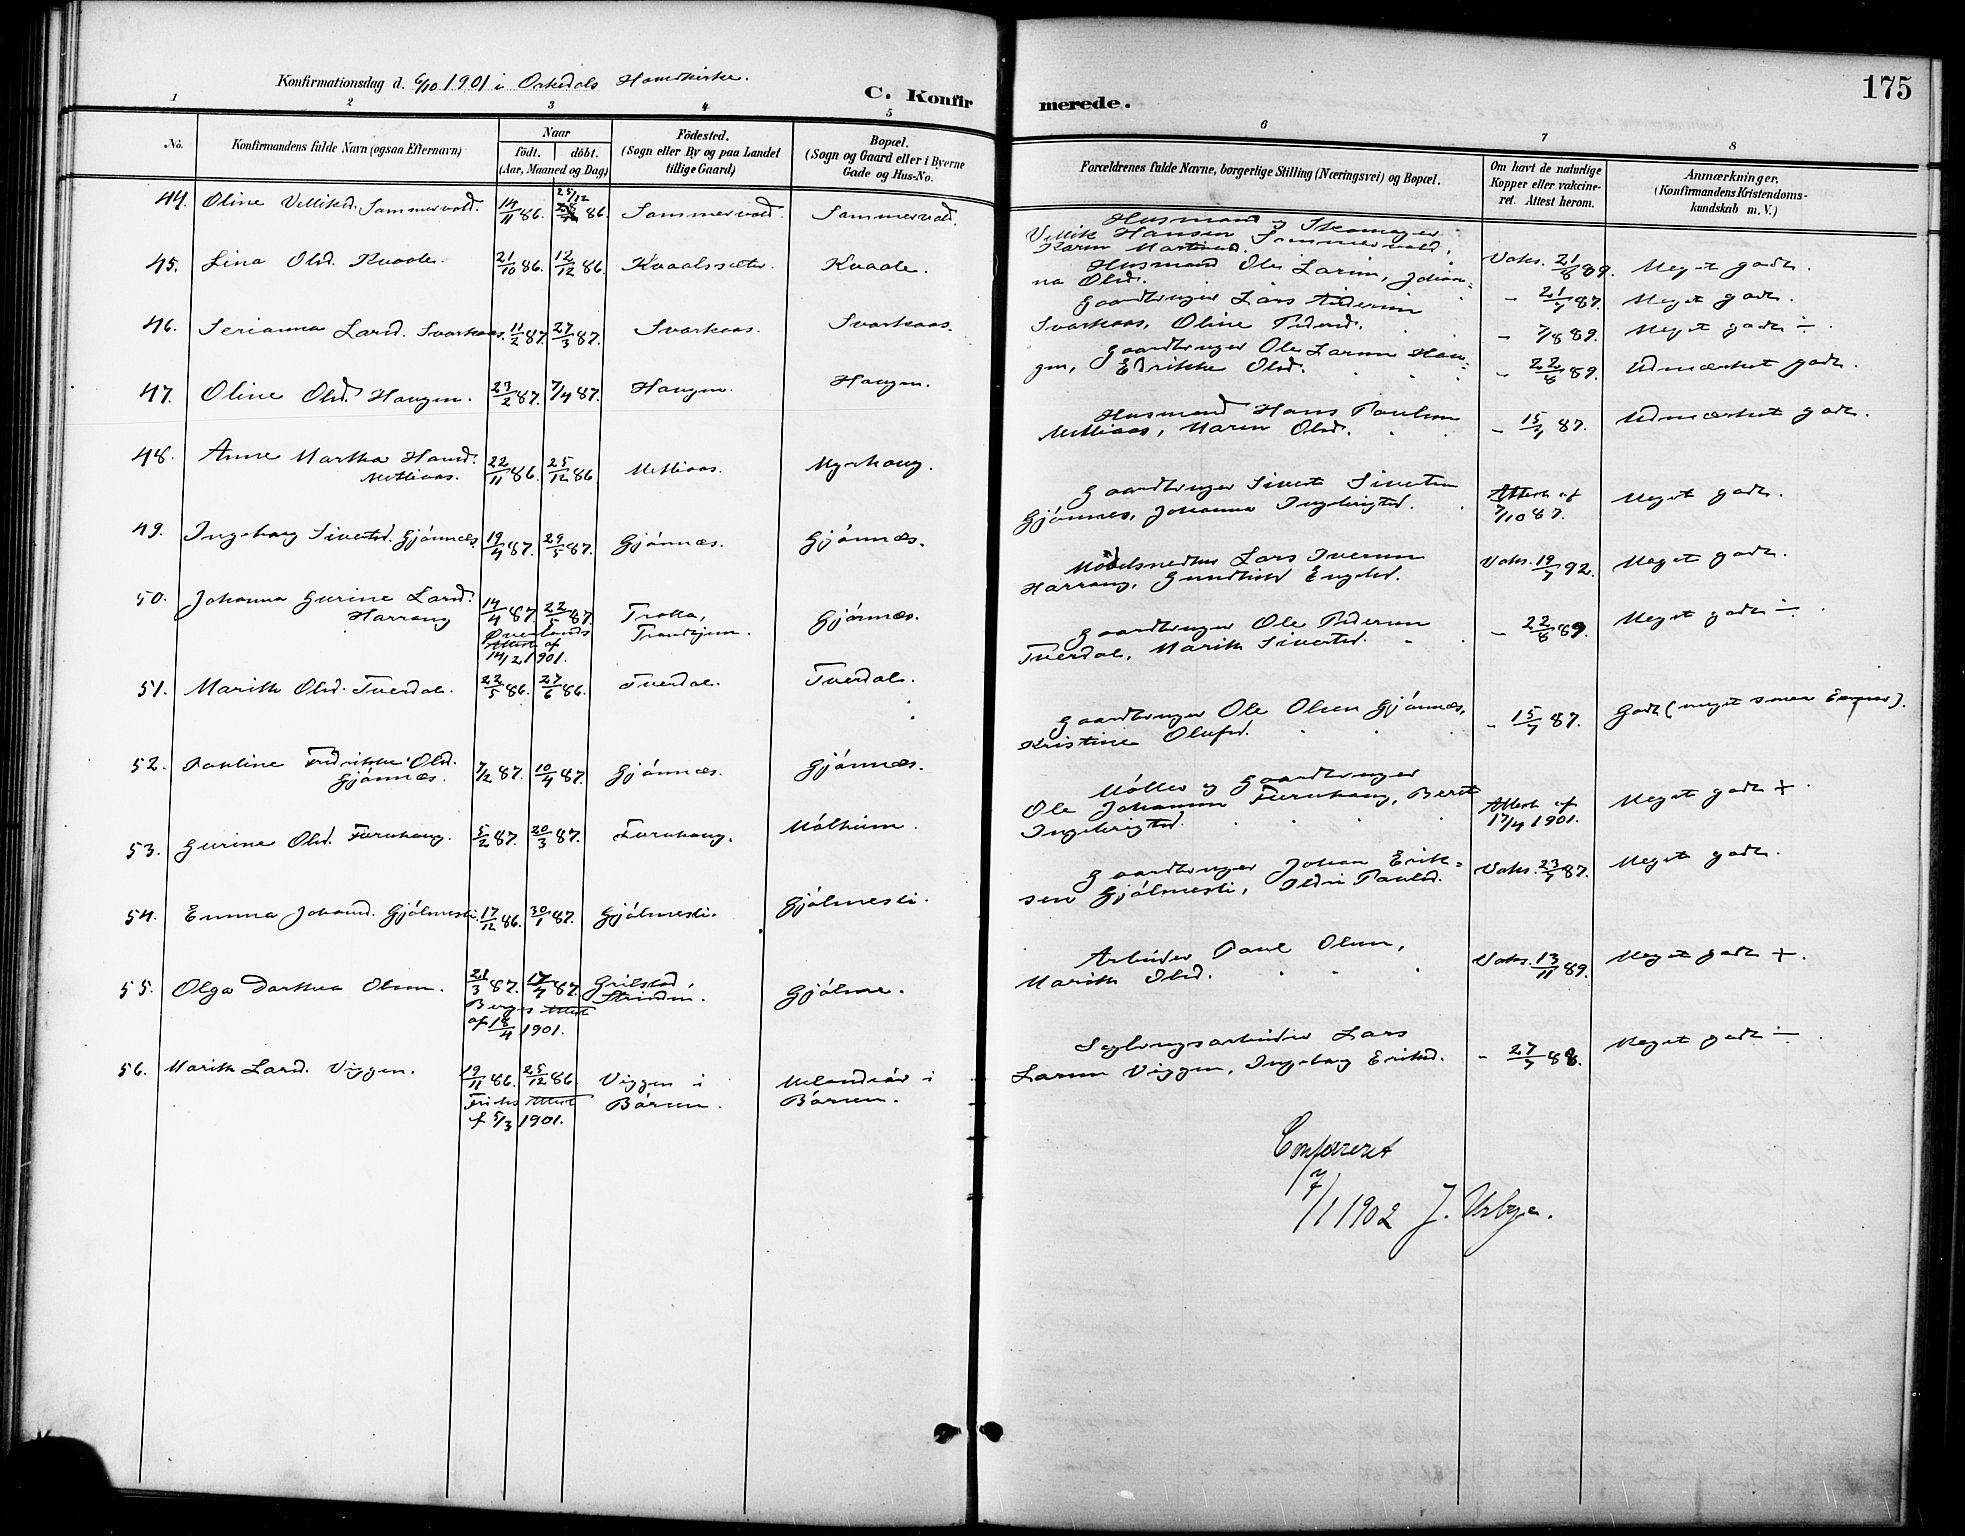 SAT, Ministerialprotokoller, klokkerbøker og fødselsregistre - Sør-Trøndelag, 668/L0819: Klokkerbok nr. 668C08, 1899-1912, s. 175